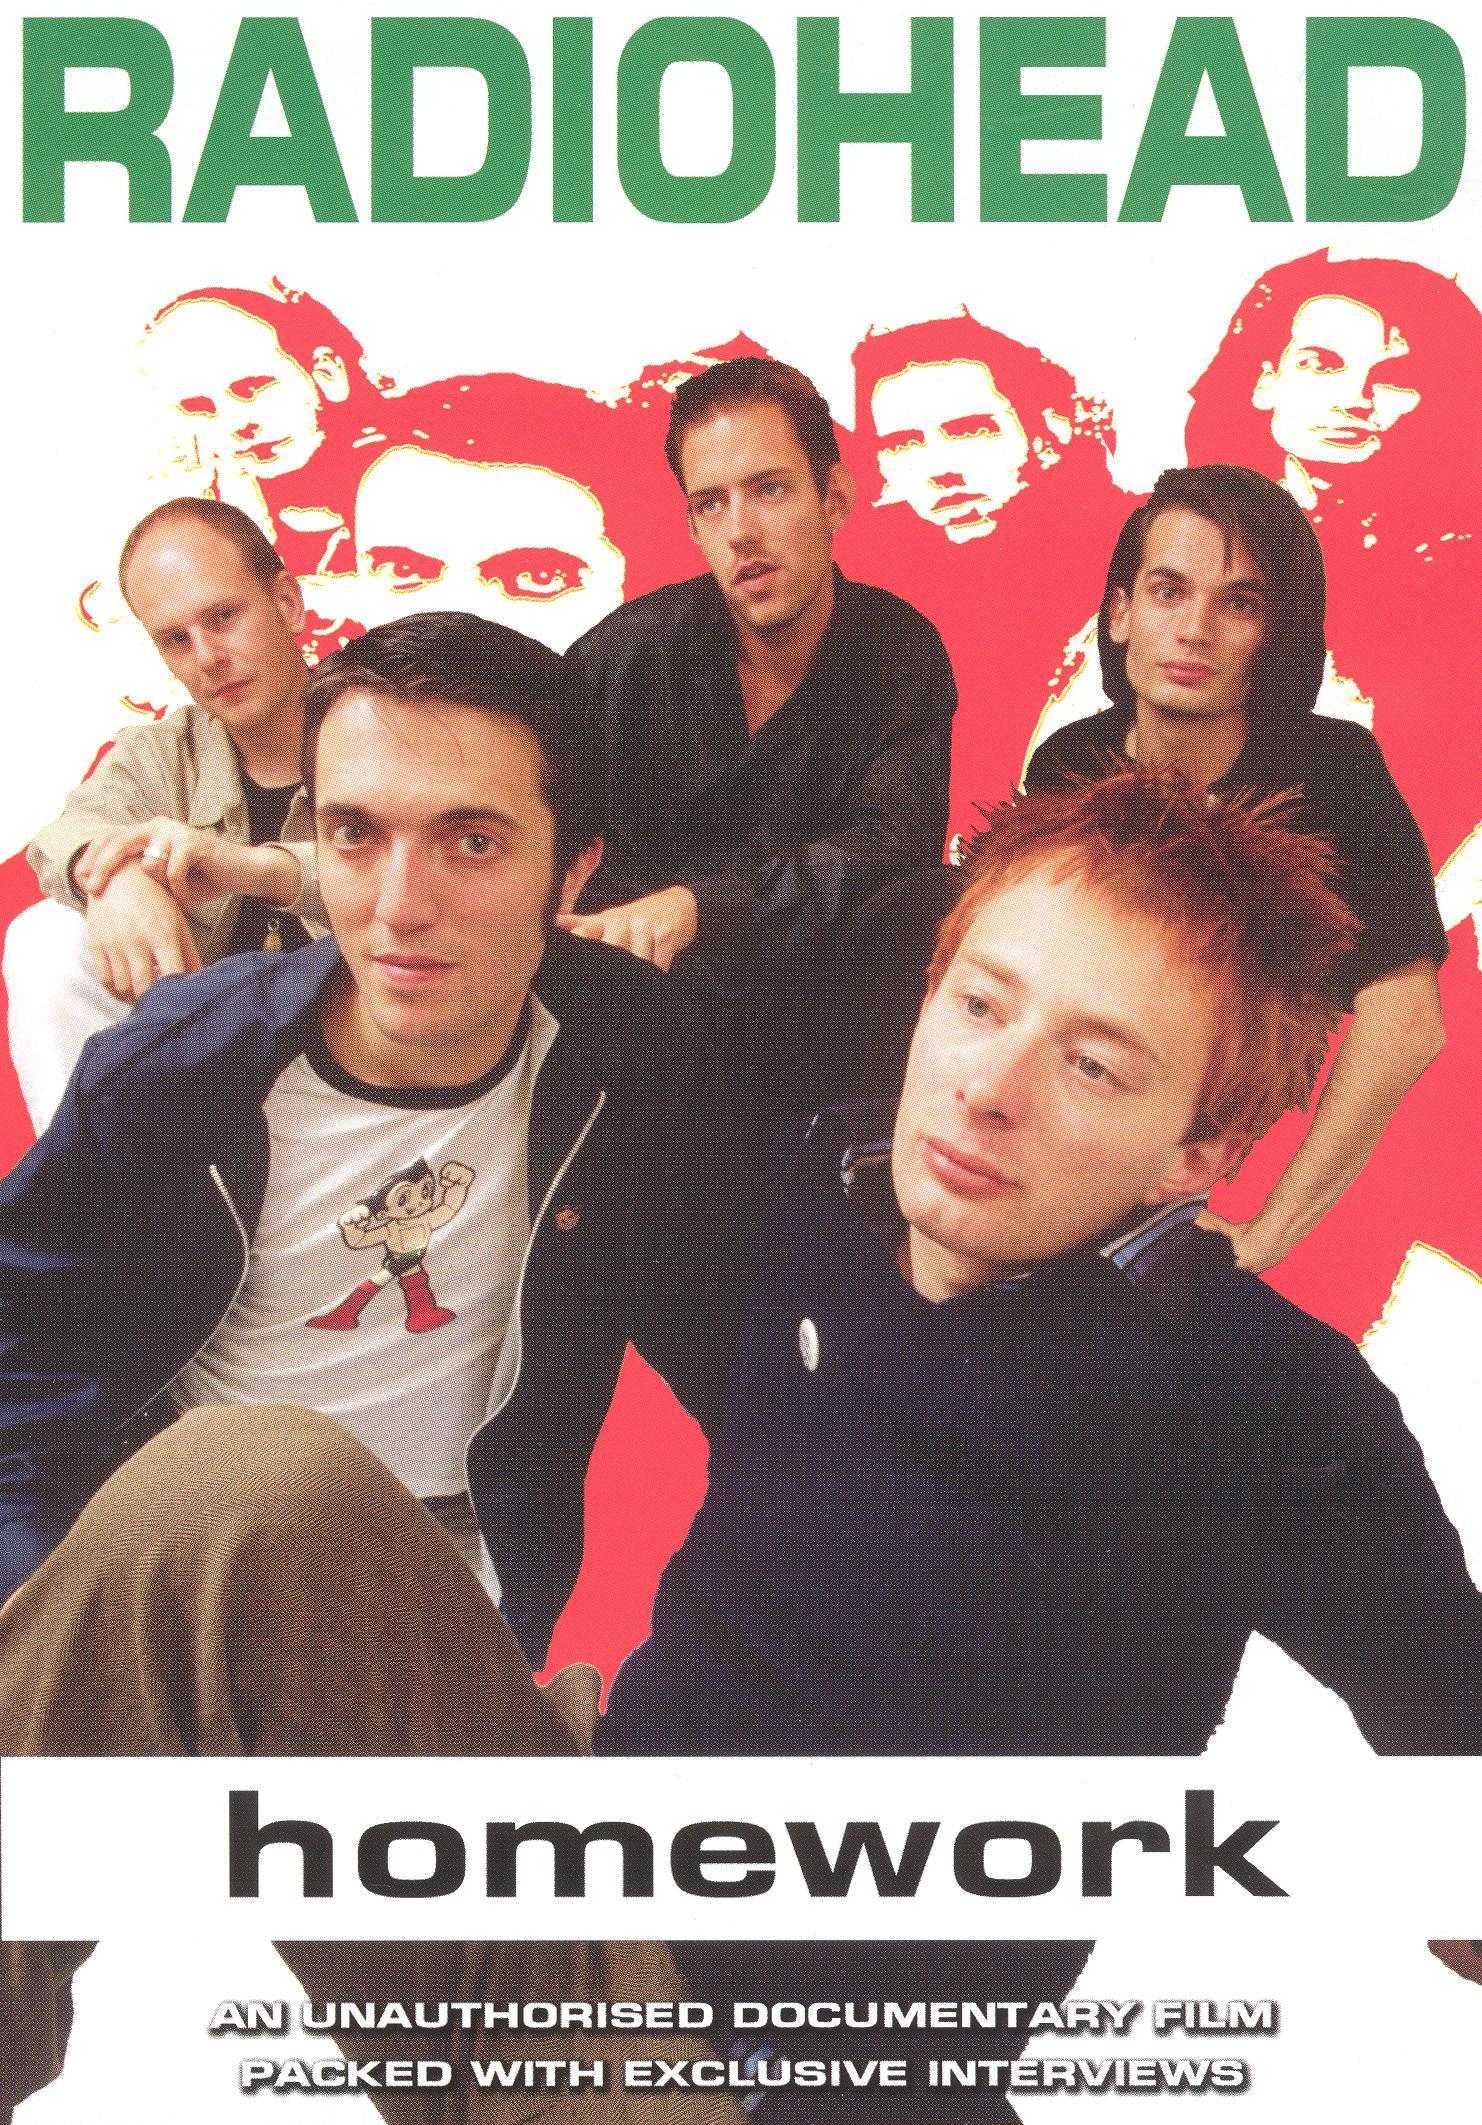 Radiohead: Homework - Unauthorized